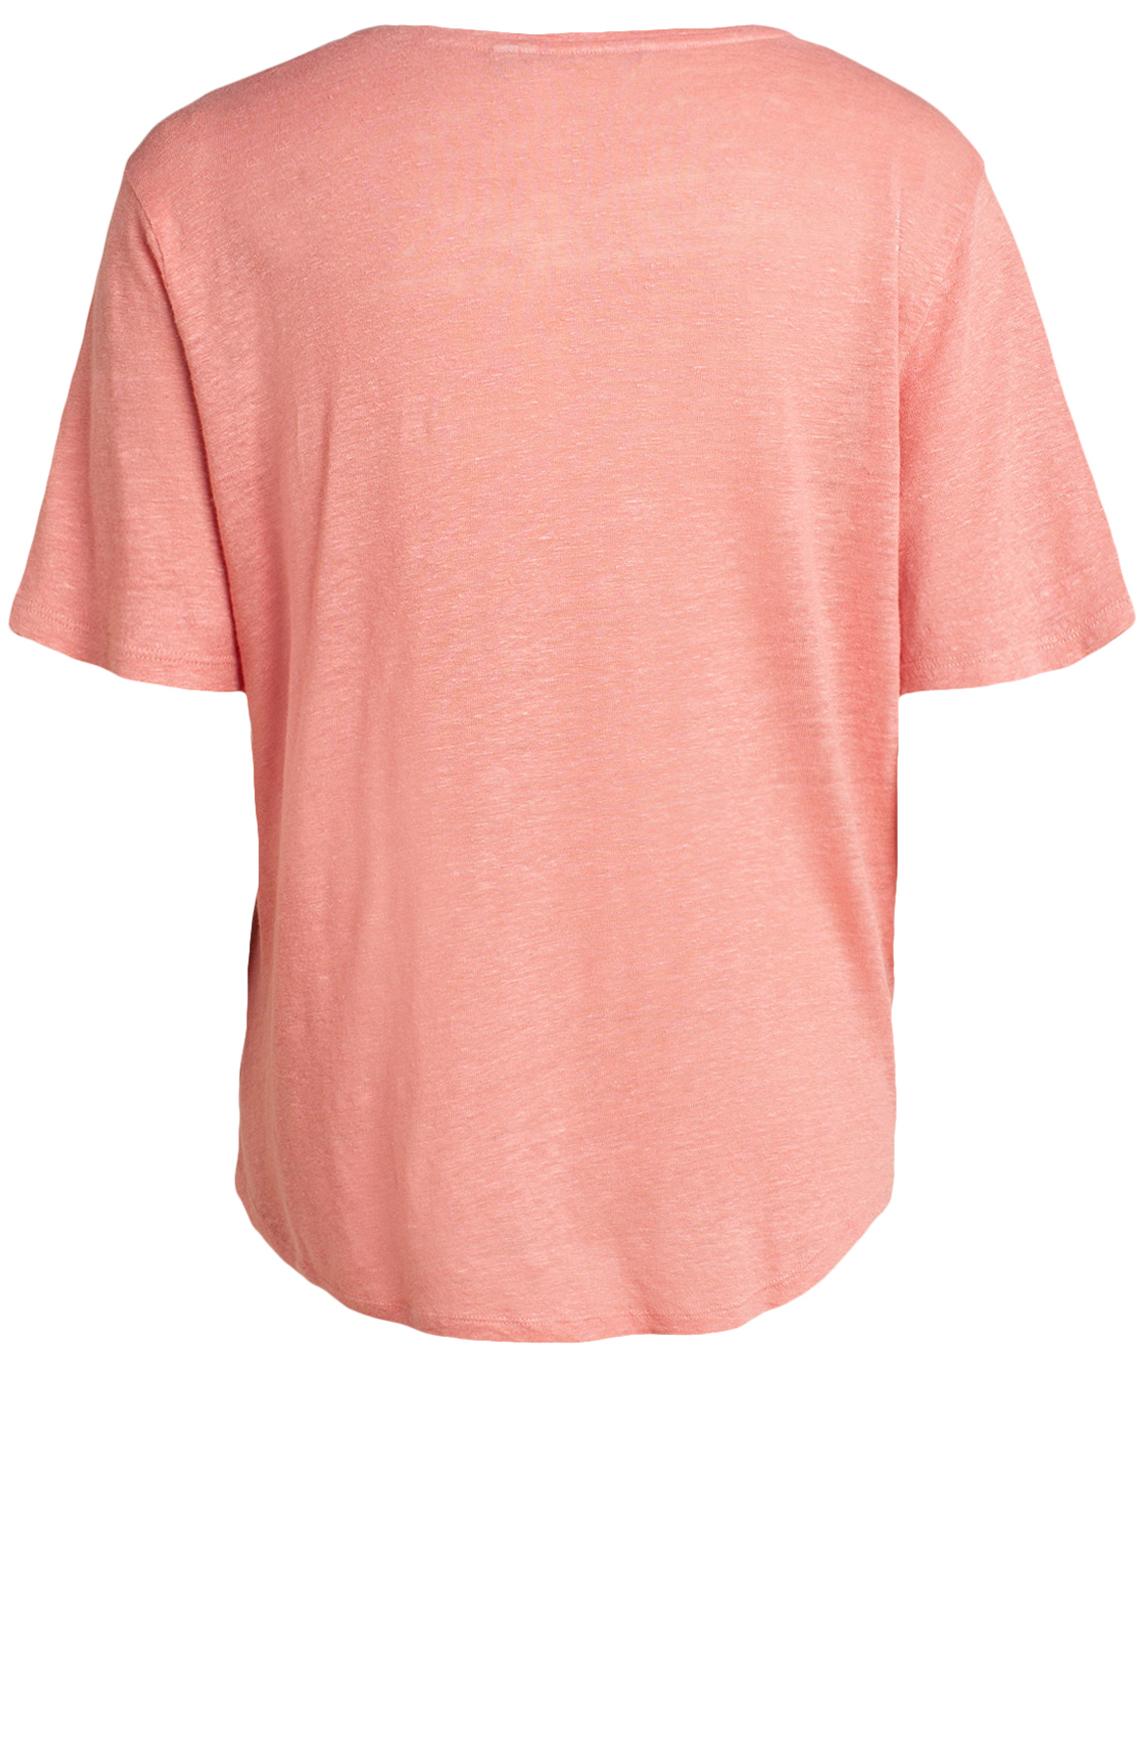 Moscow Dames Linen shirt roze